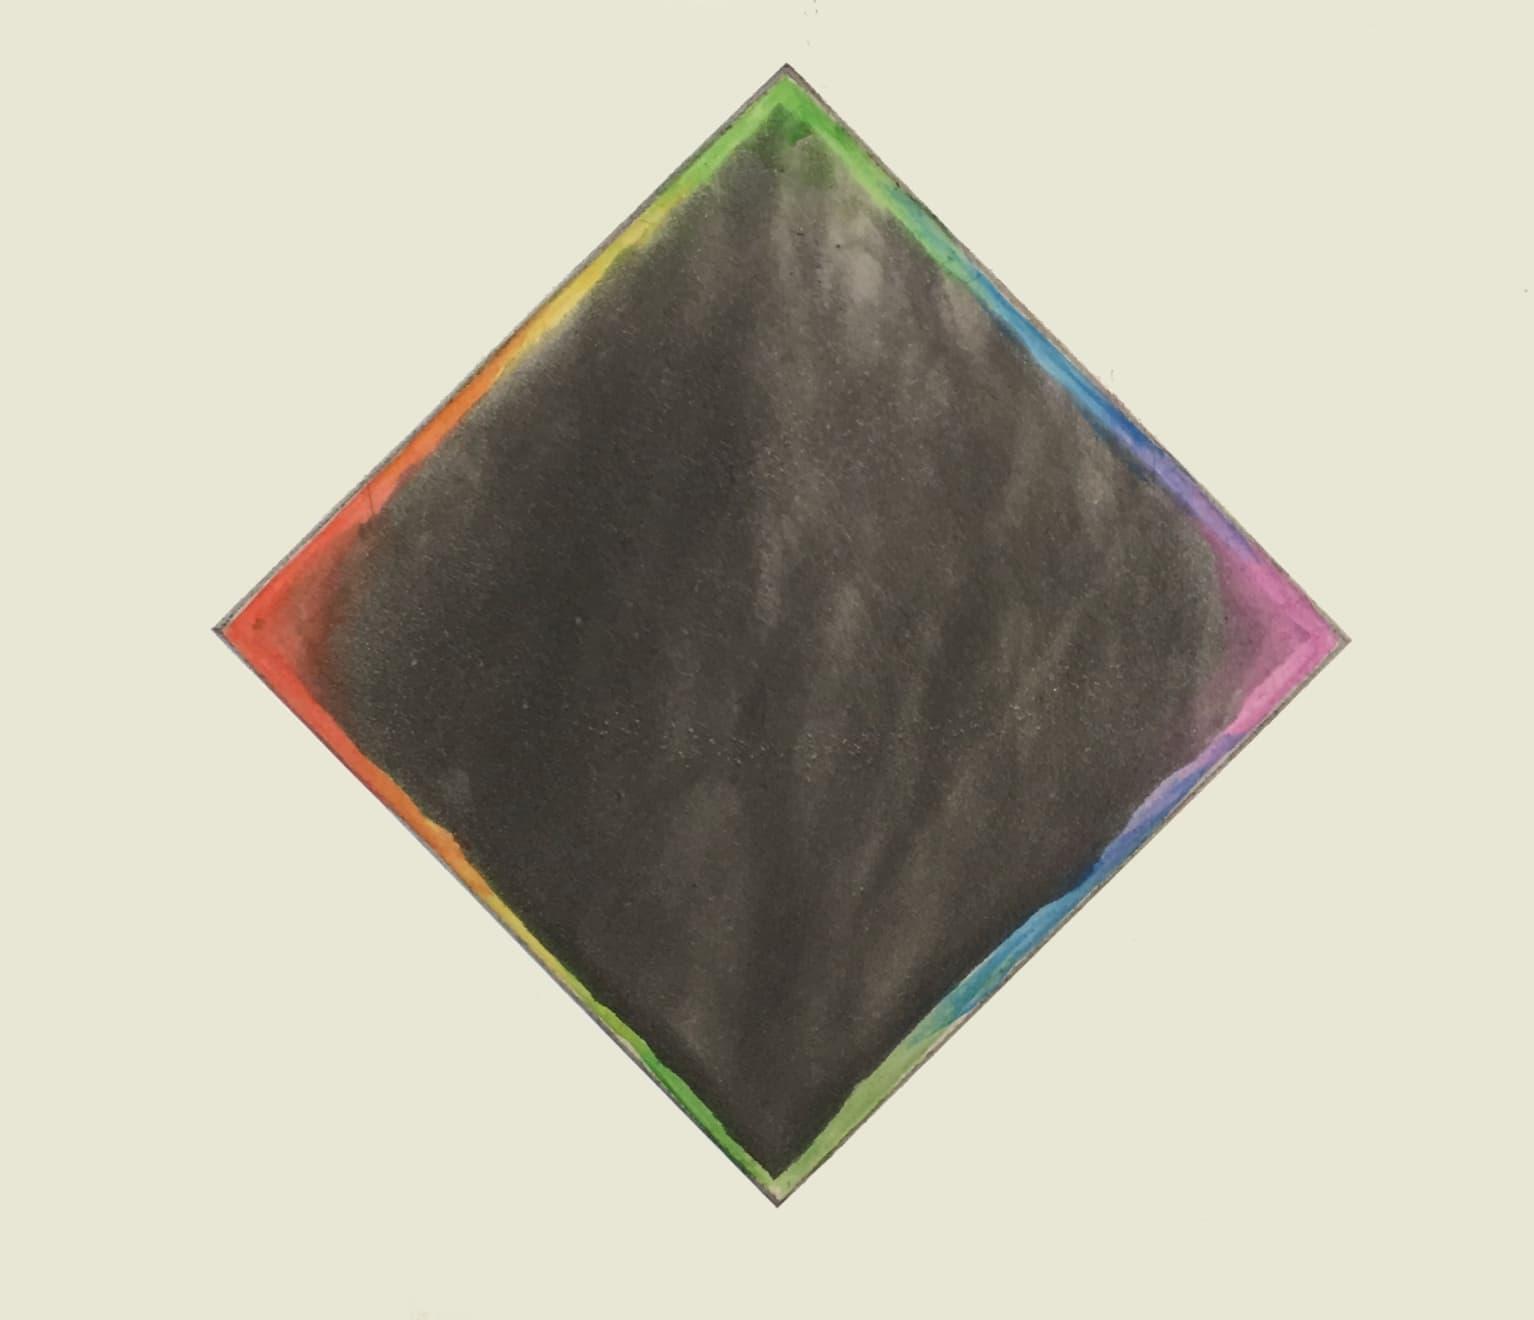 Norman Ackroyd, Lockdown Rainbow No. 1 - Eclipse, 2020